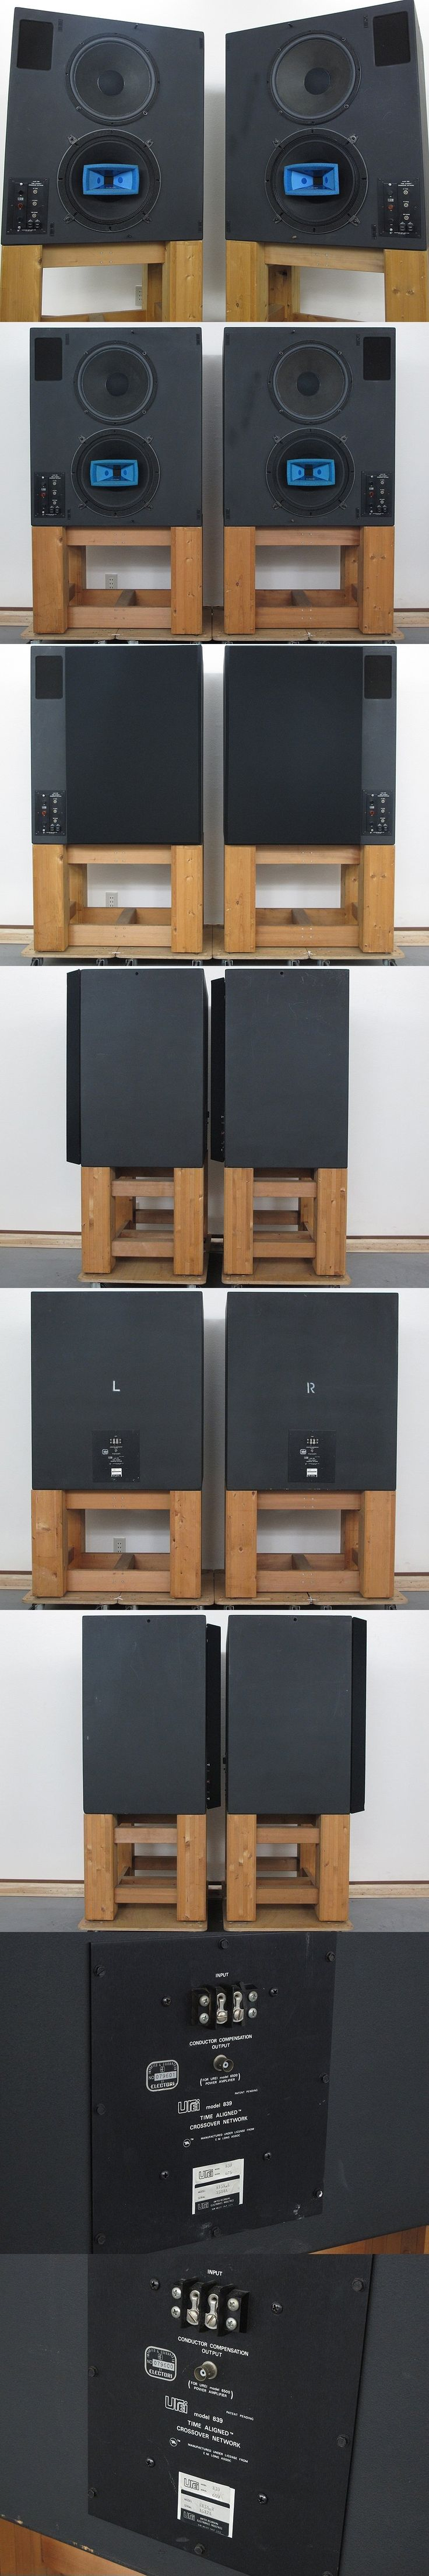 ウーレイ UREI 813A モニタースピーカー 専用スタンド付